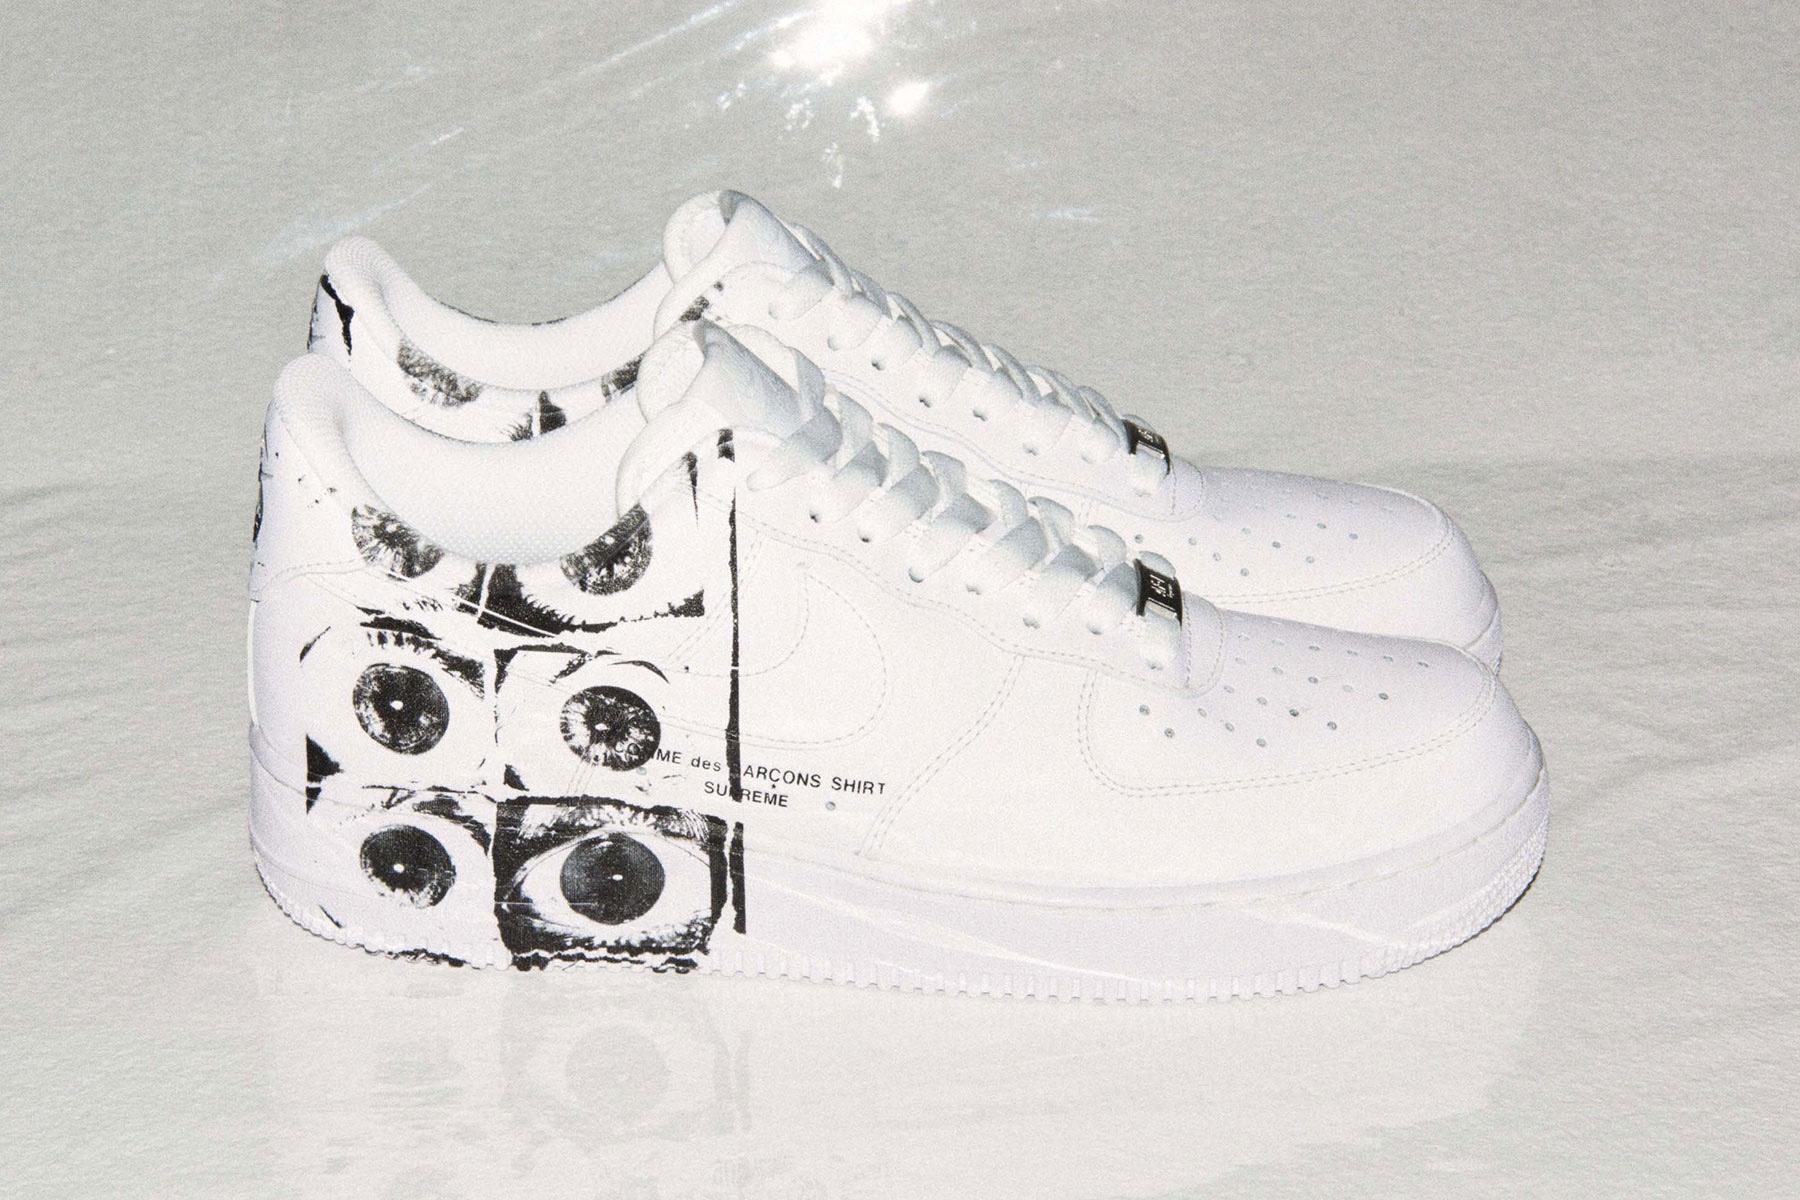 La Supreme x COMME des GARÇONS SHIRT x Nike Air Force 1 Low